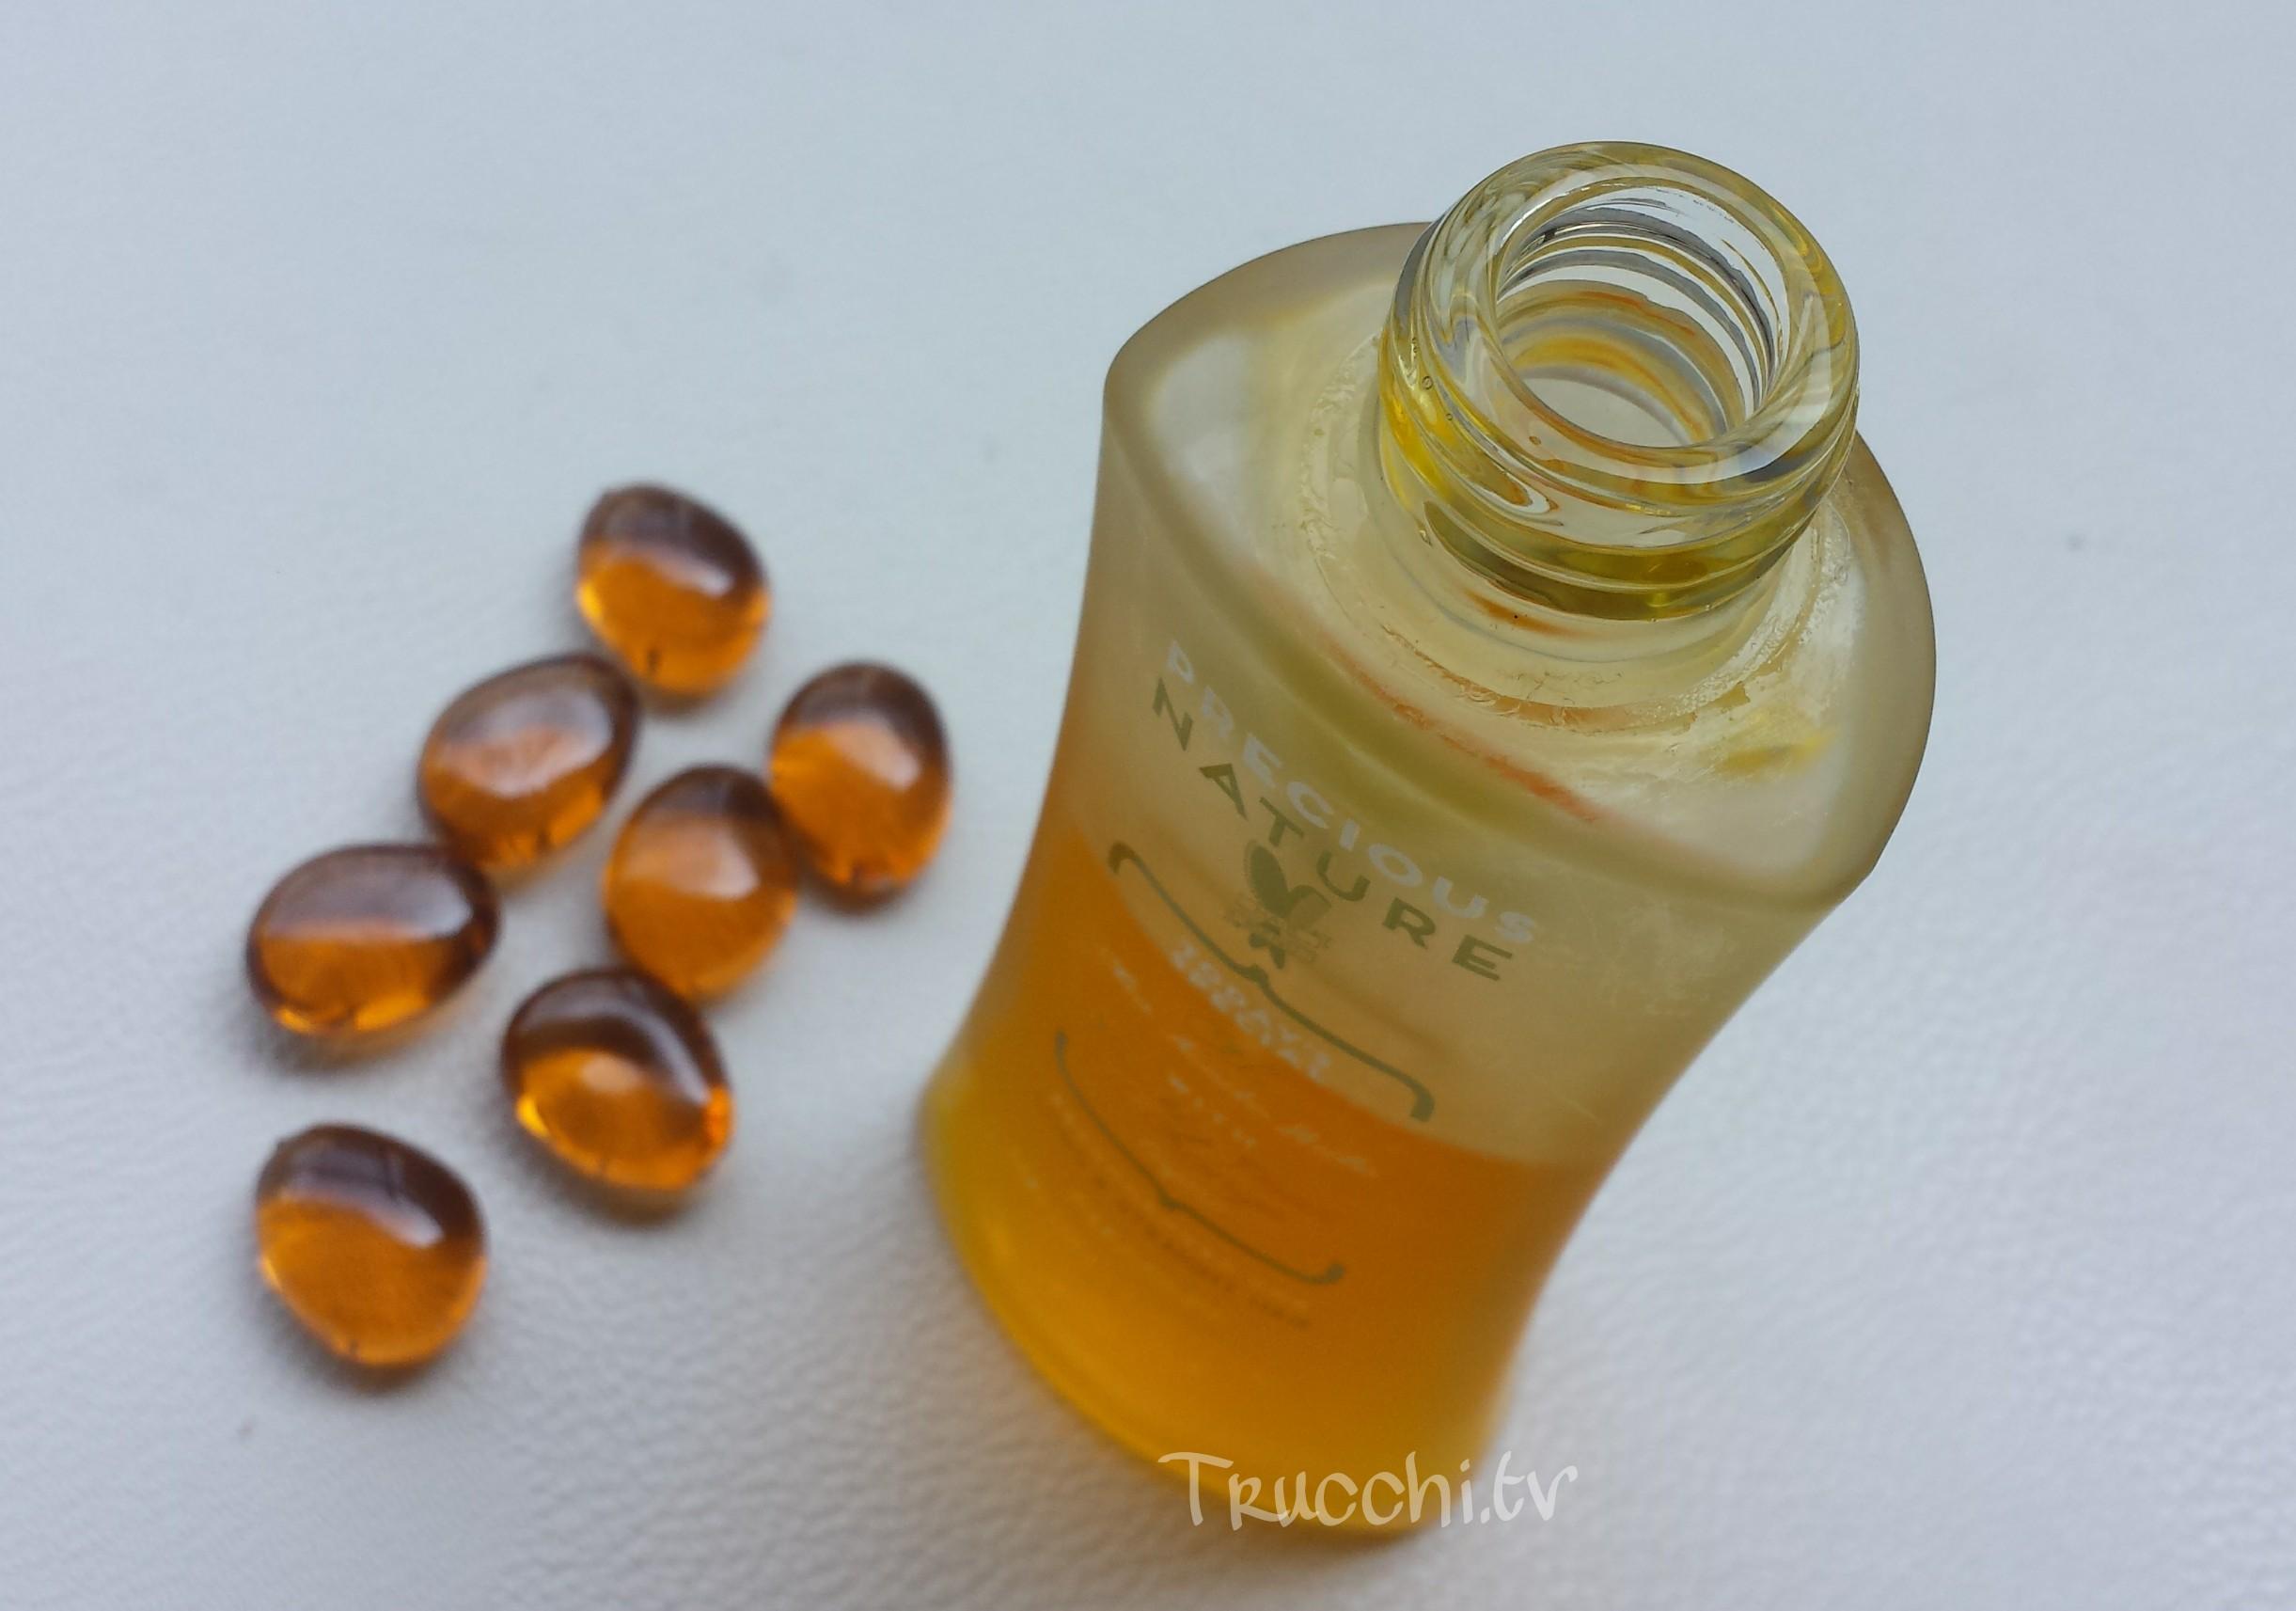 Olio Nutriente per Capelli Alfaparf Precious Nature, olio capelli, capelli capricciosi, capelli ricci, Alfaparf, olio rigenerante 2